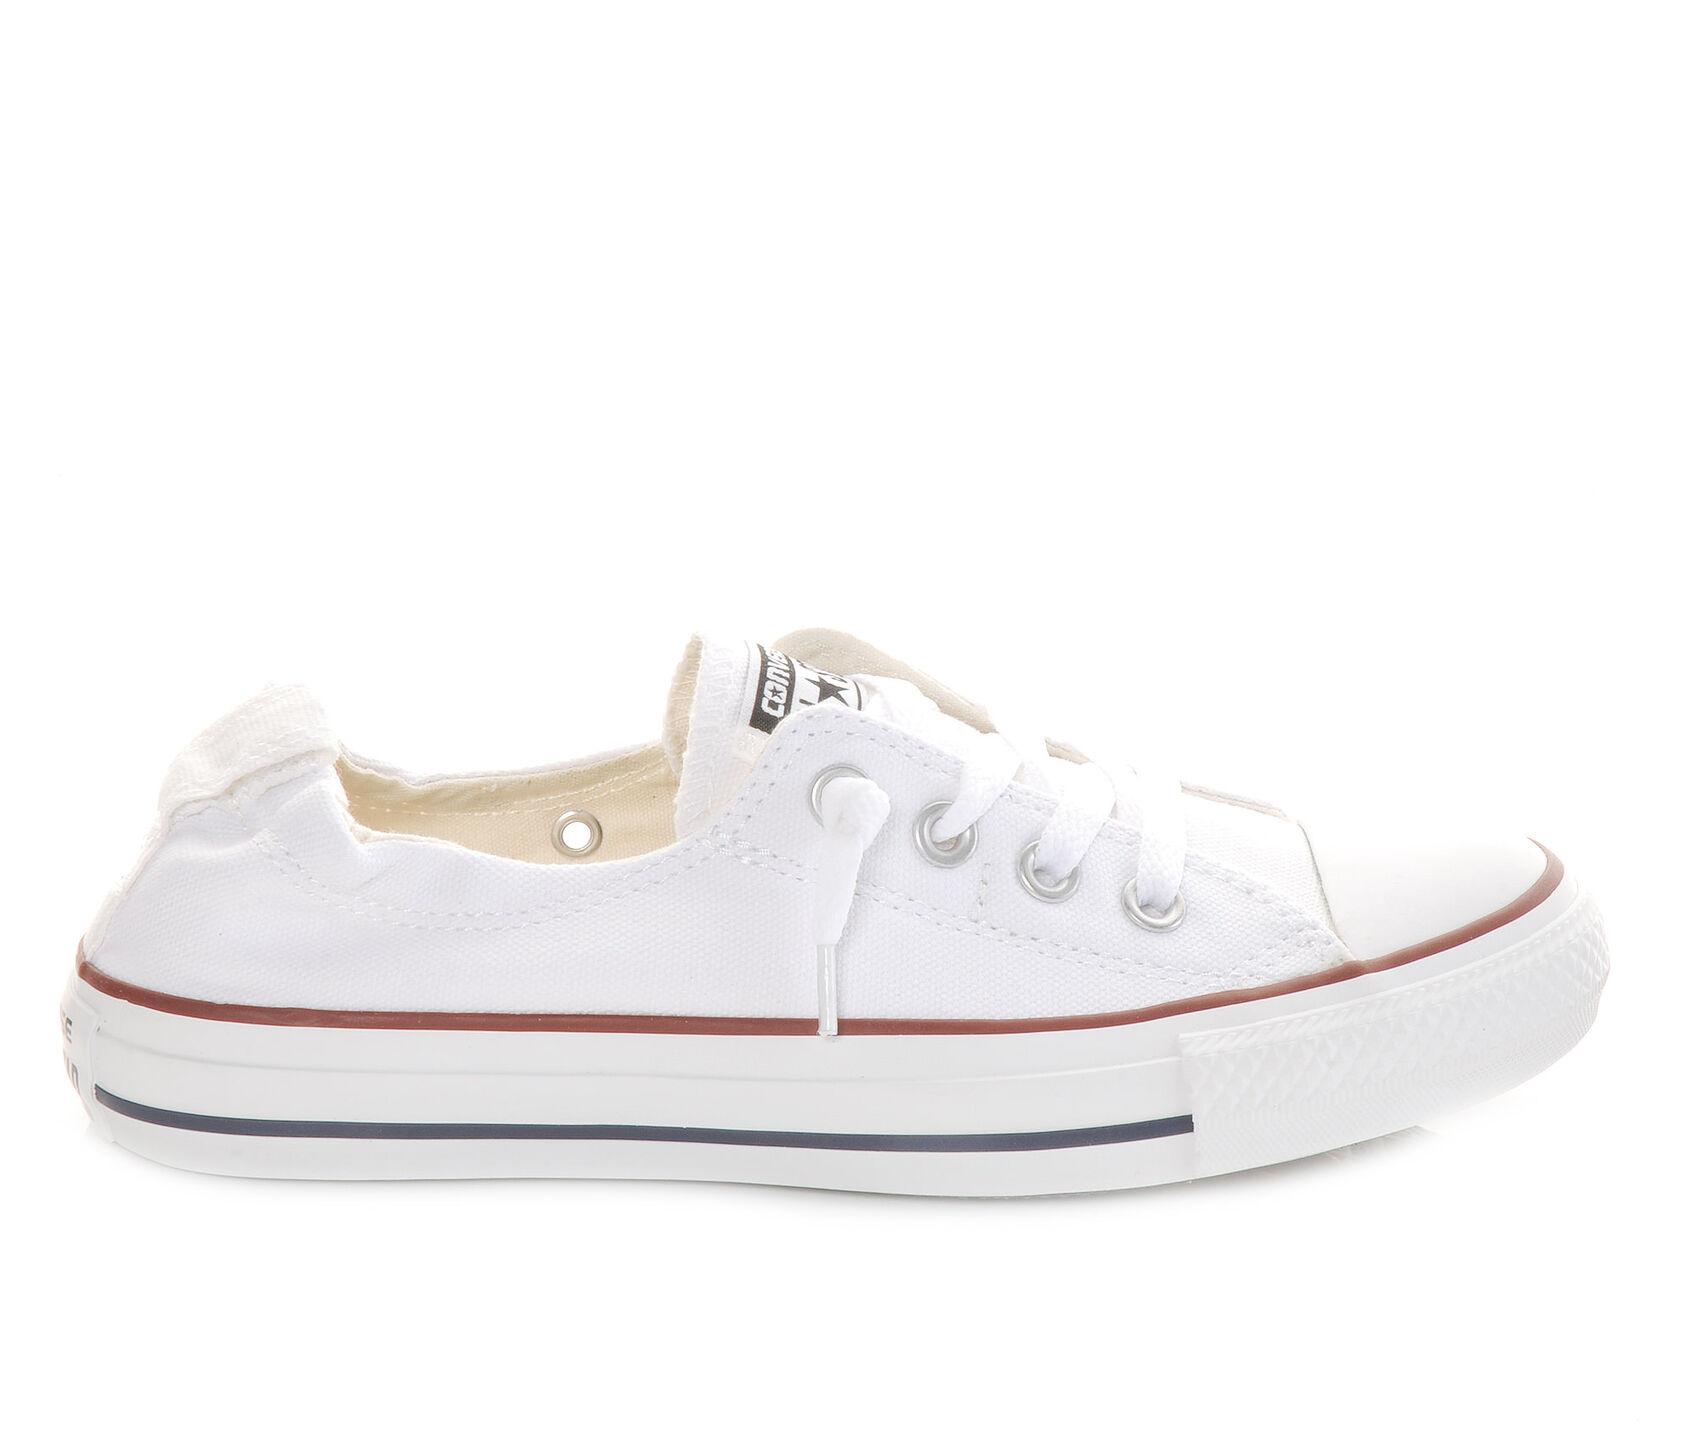 40b30a71c276 ... Converse Chuck Taylor Shoreline Sneakers. Previous